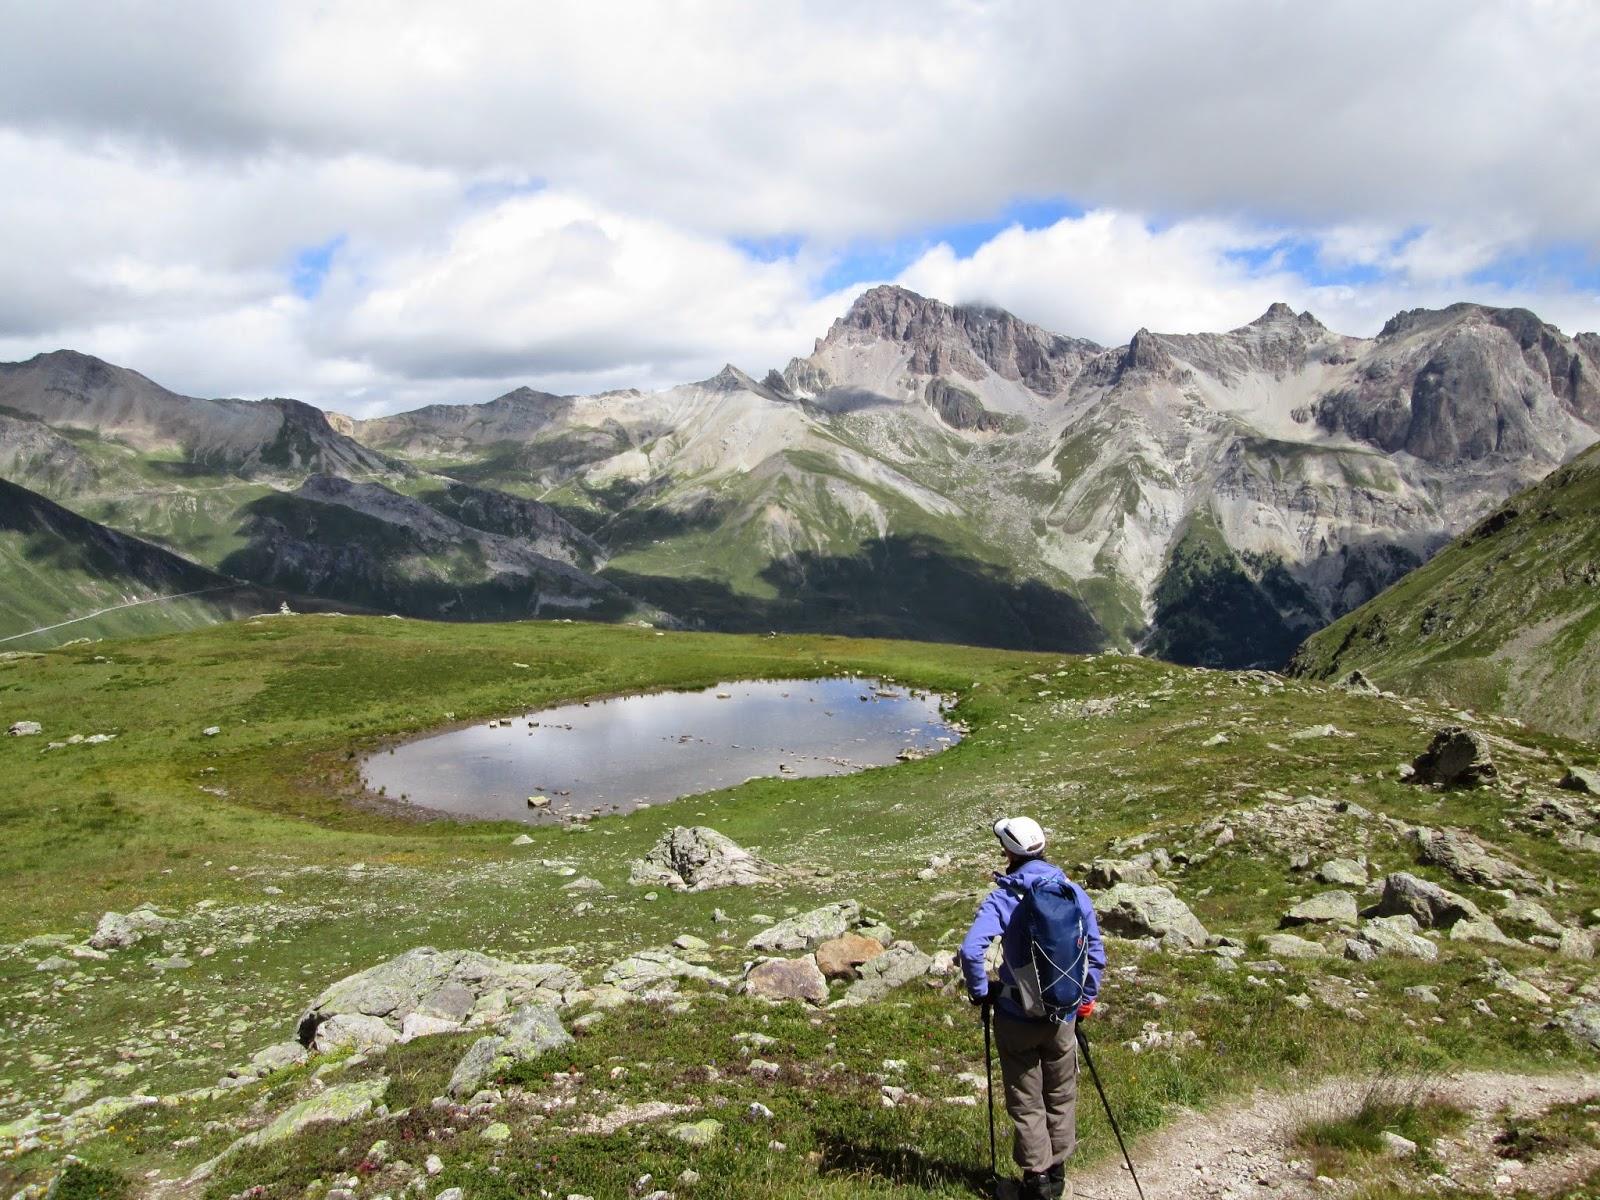 En route to Col de Laurichard, Ecrins National Park, France, Alps